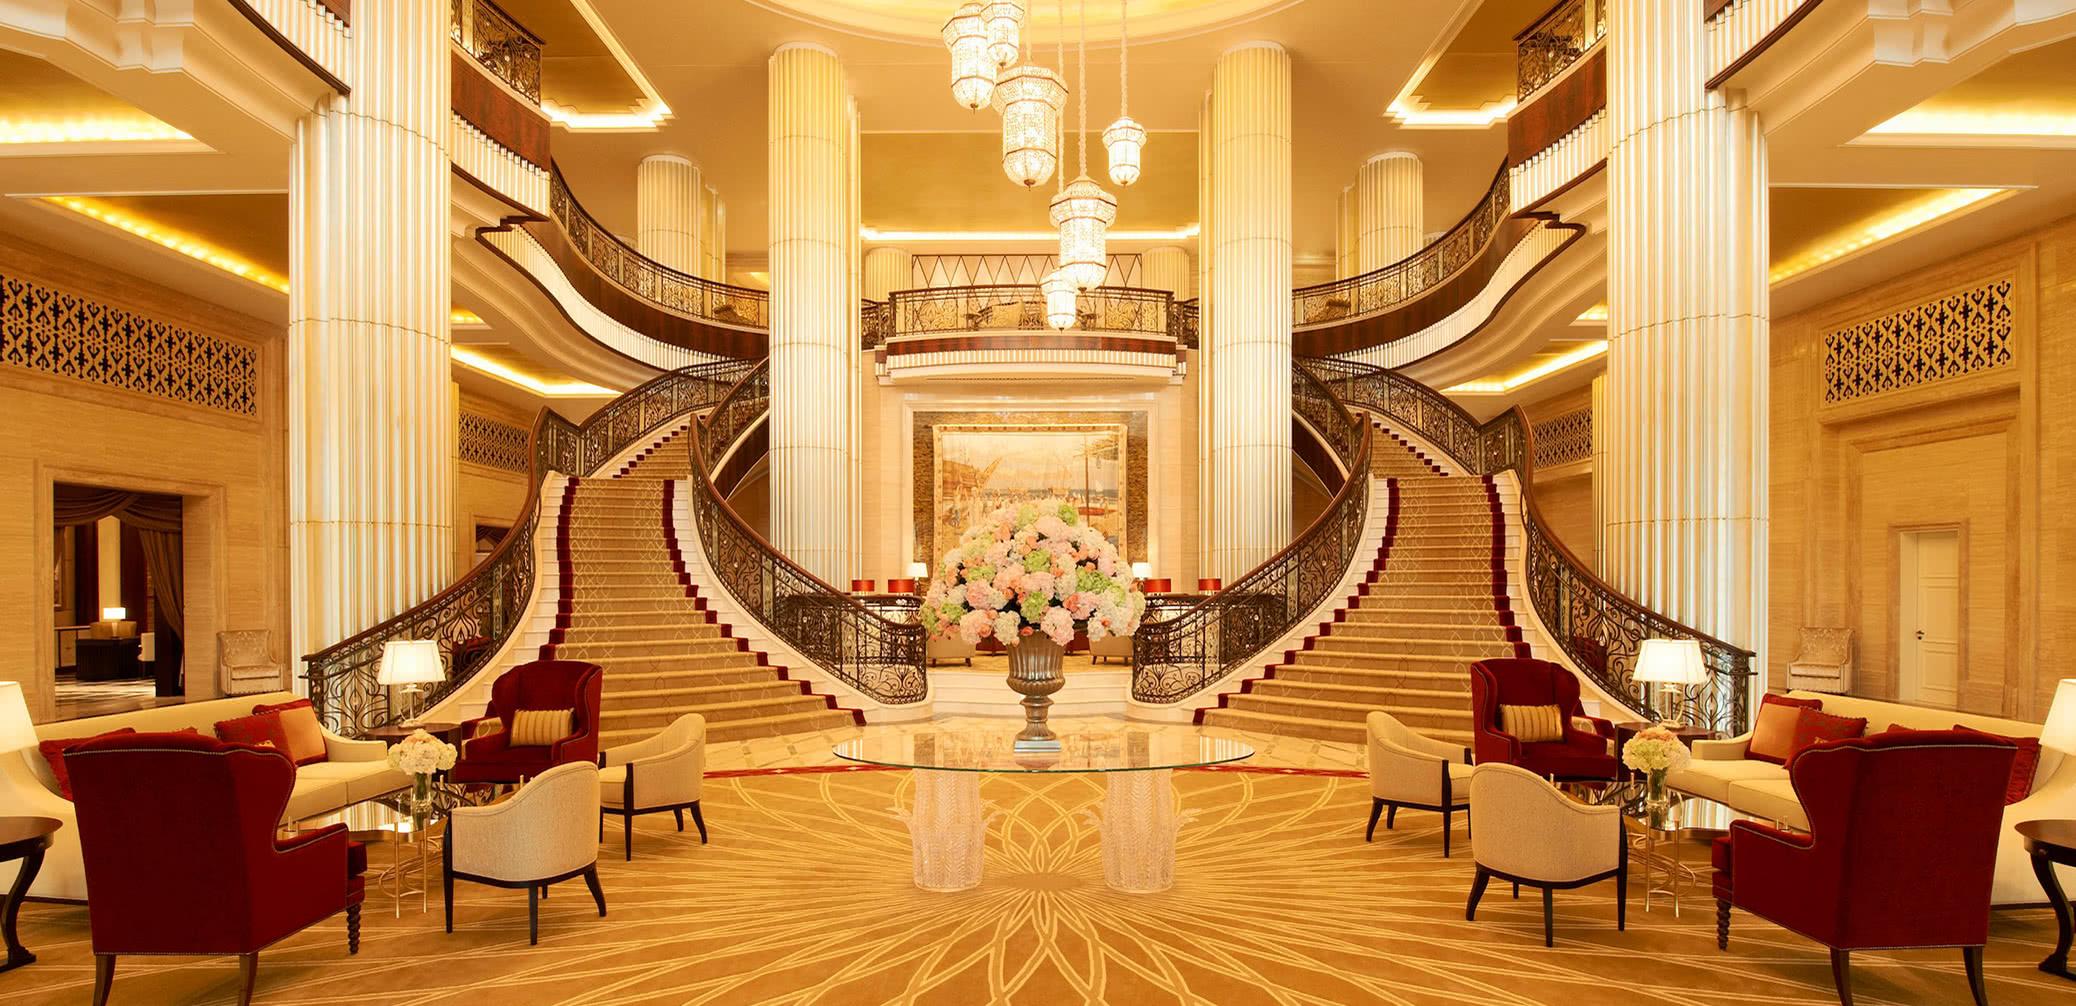 Which Is Best? St Regis Abu Dhabi vs St Regis Saadiyat Island